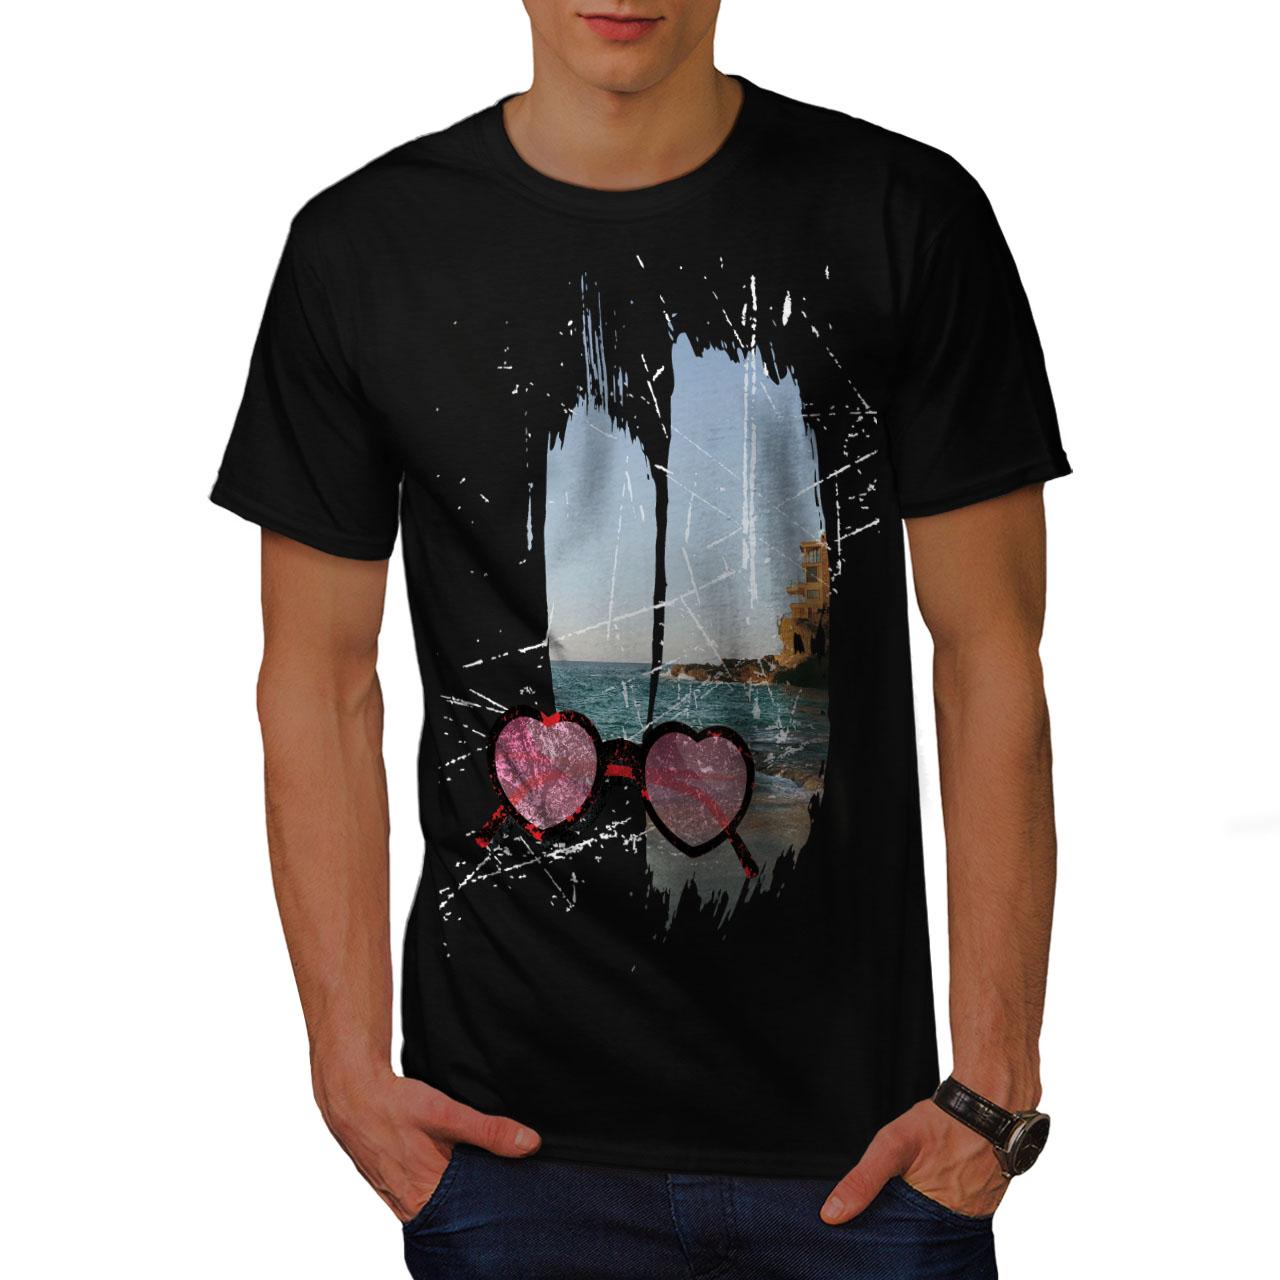 Wellcoda Mare Spiaggia Viaggio Da Uomo T-shirt Vacanza design grafico stampato T-shirt